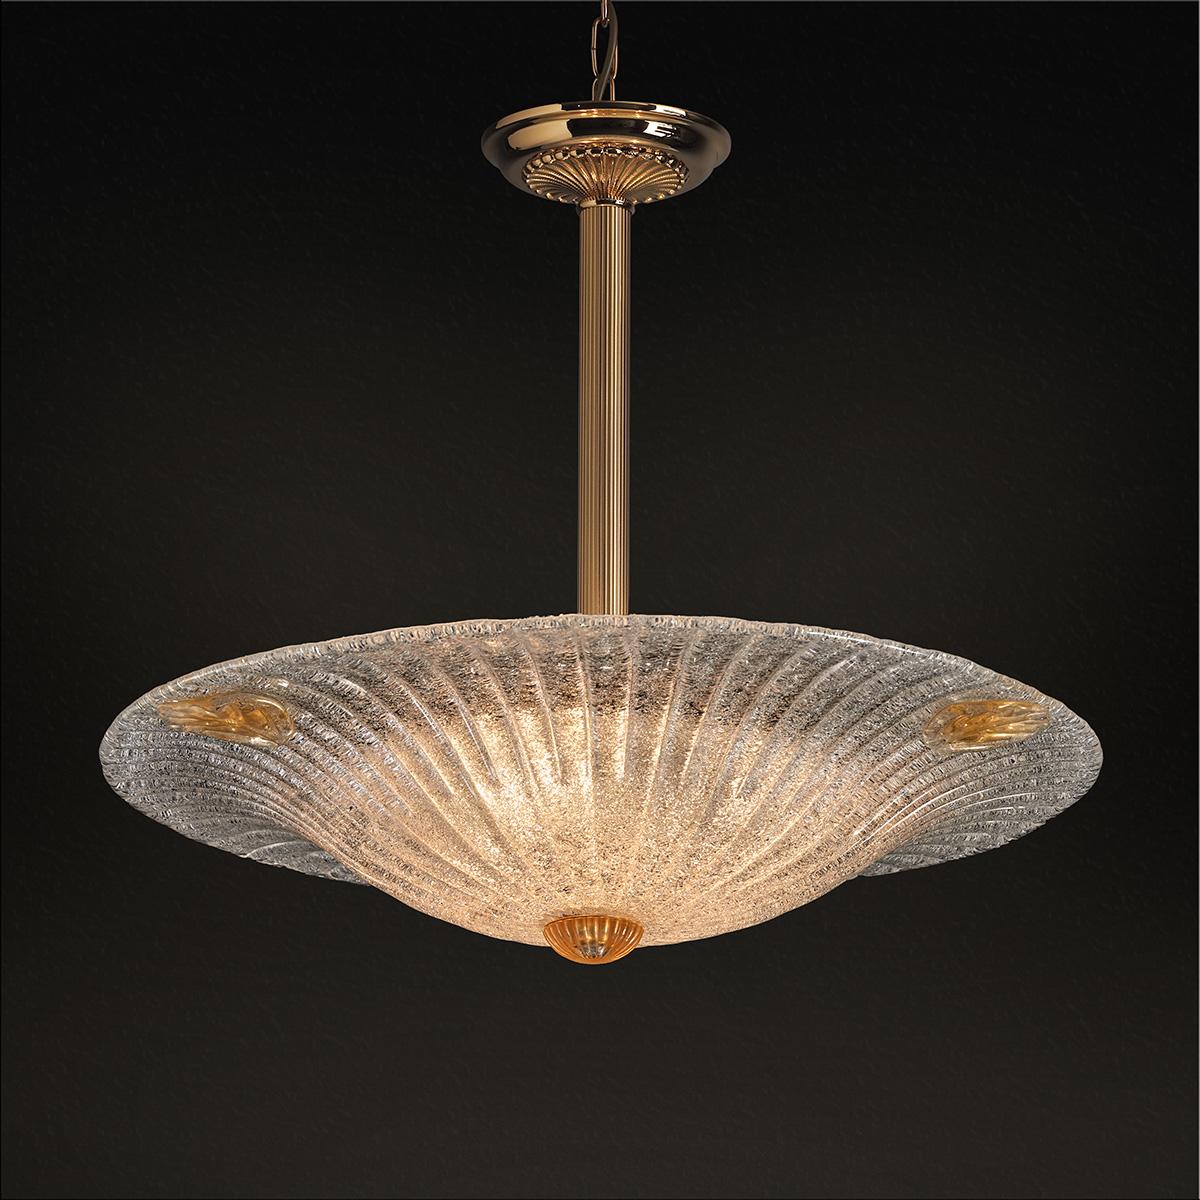 Κλασικό κρεμαστό φωτιστικό ΦΥΛΛΟ classic suspension lamp